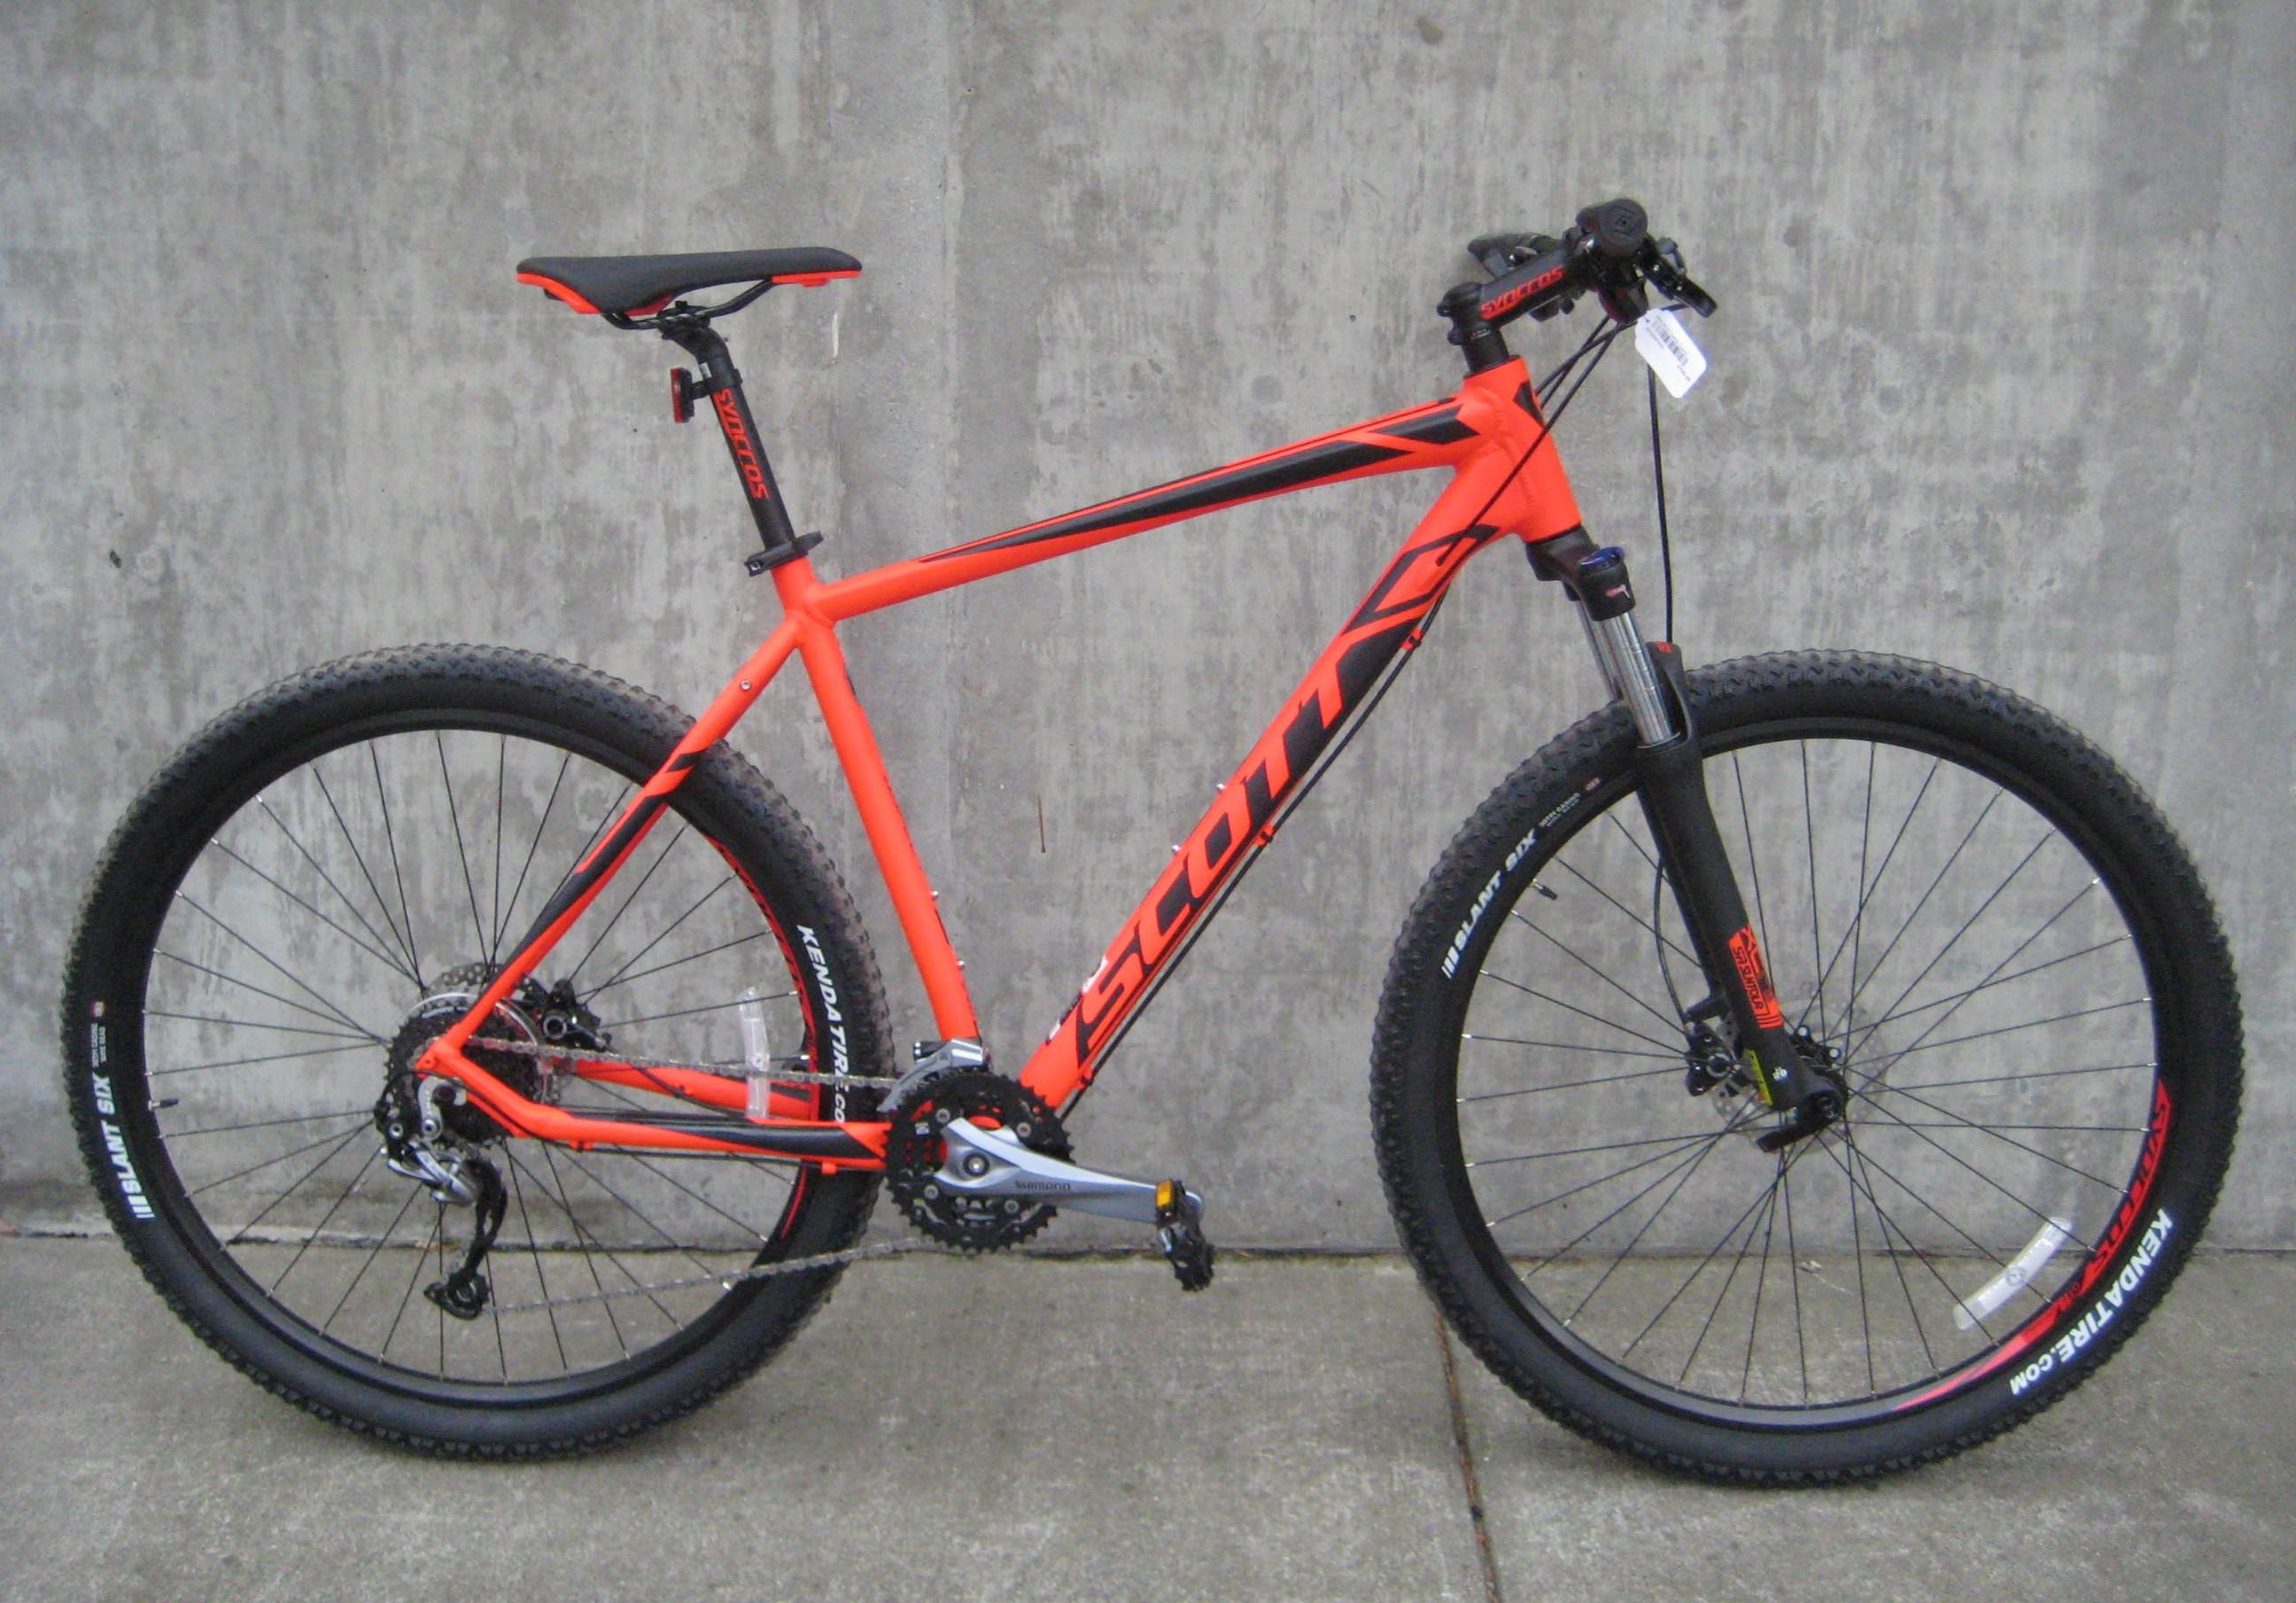 Scott Aspect 940 2017 Mountain Bike Mountain Bikes Autos